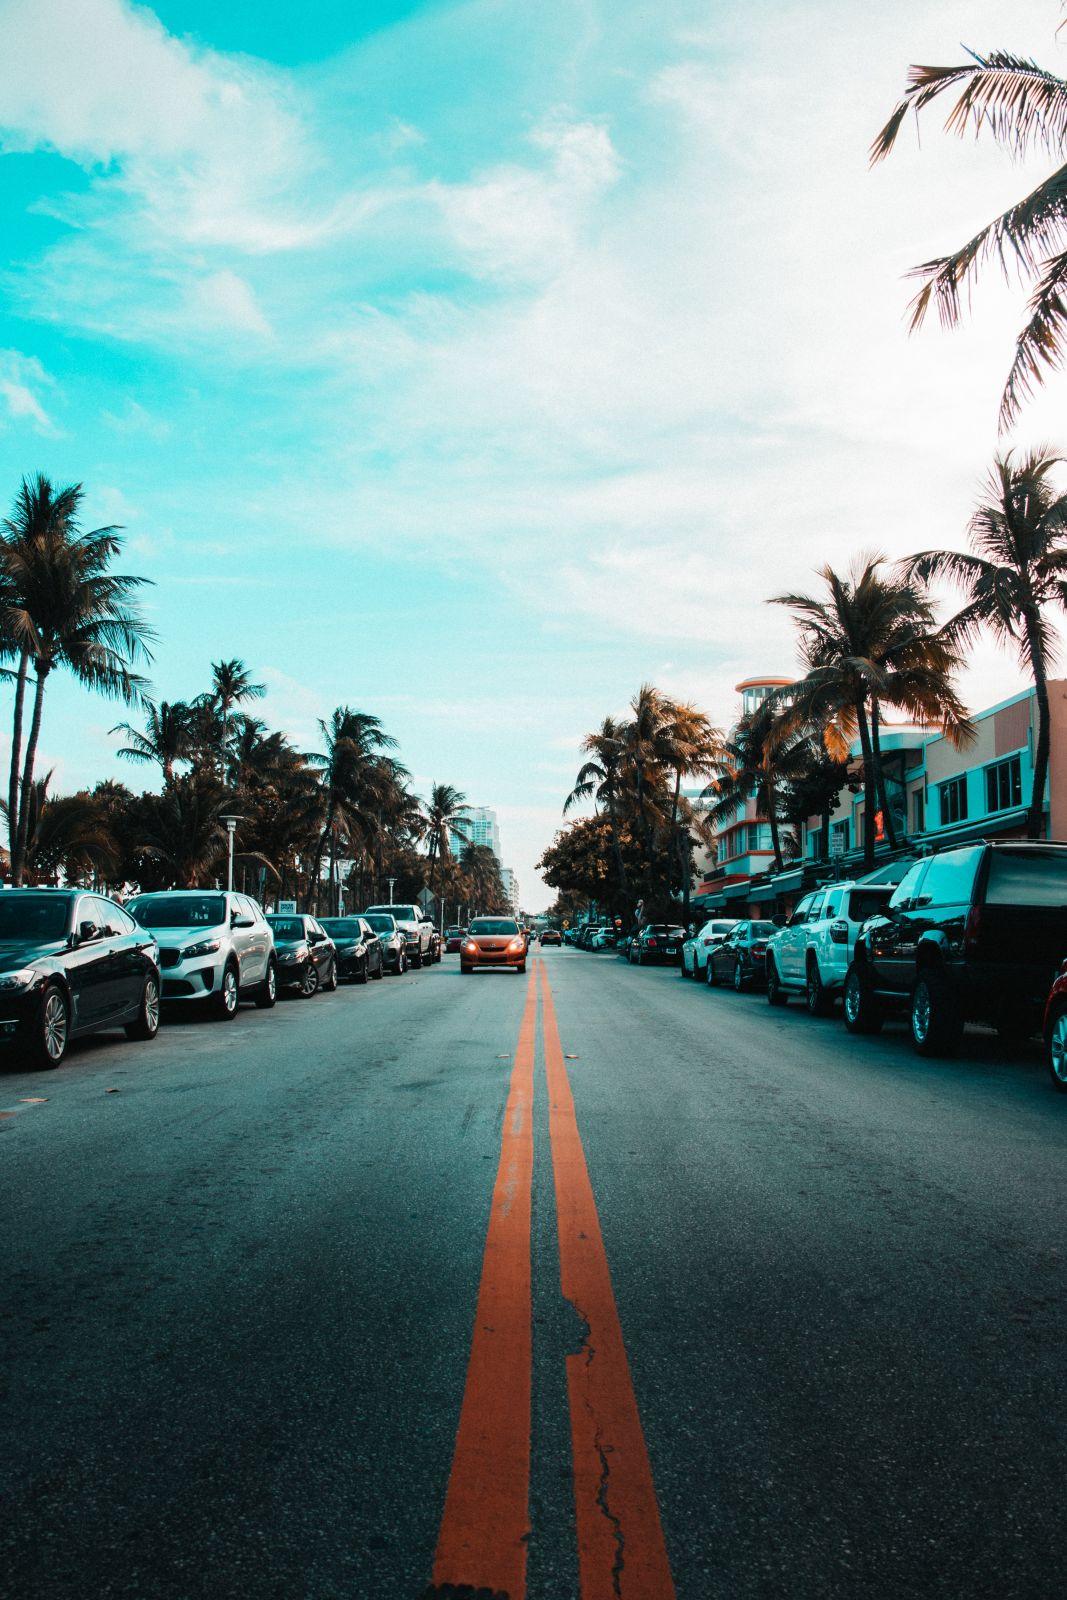 Beach parking in Anna Maria Island